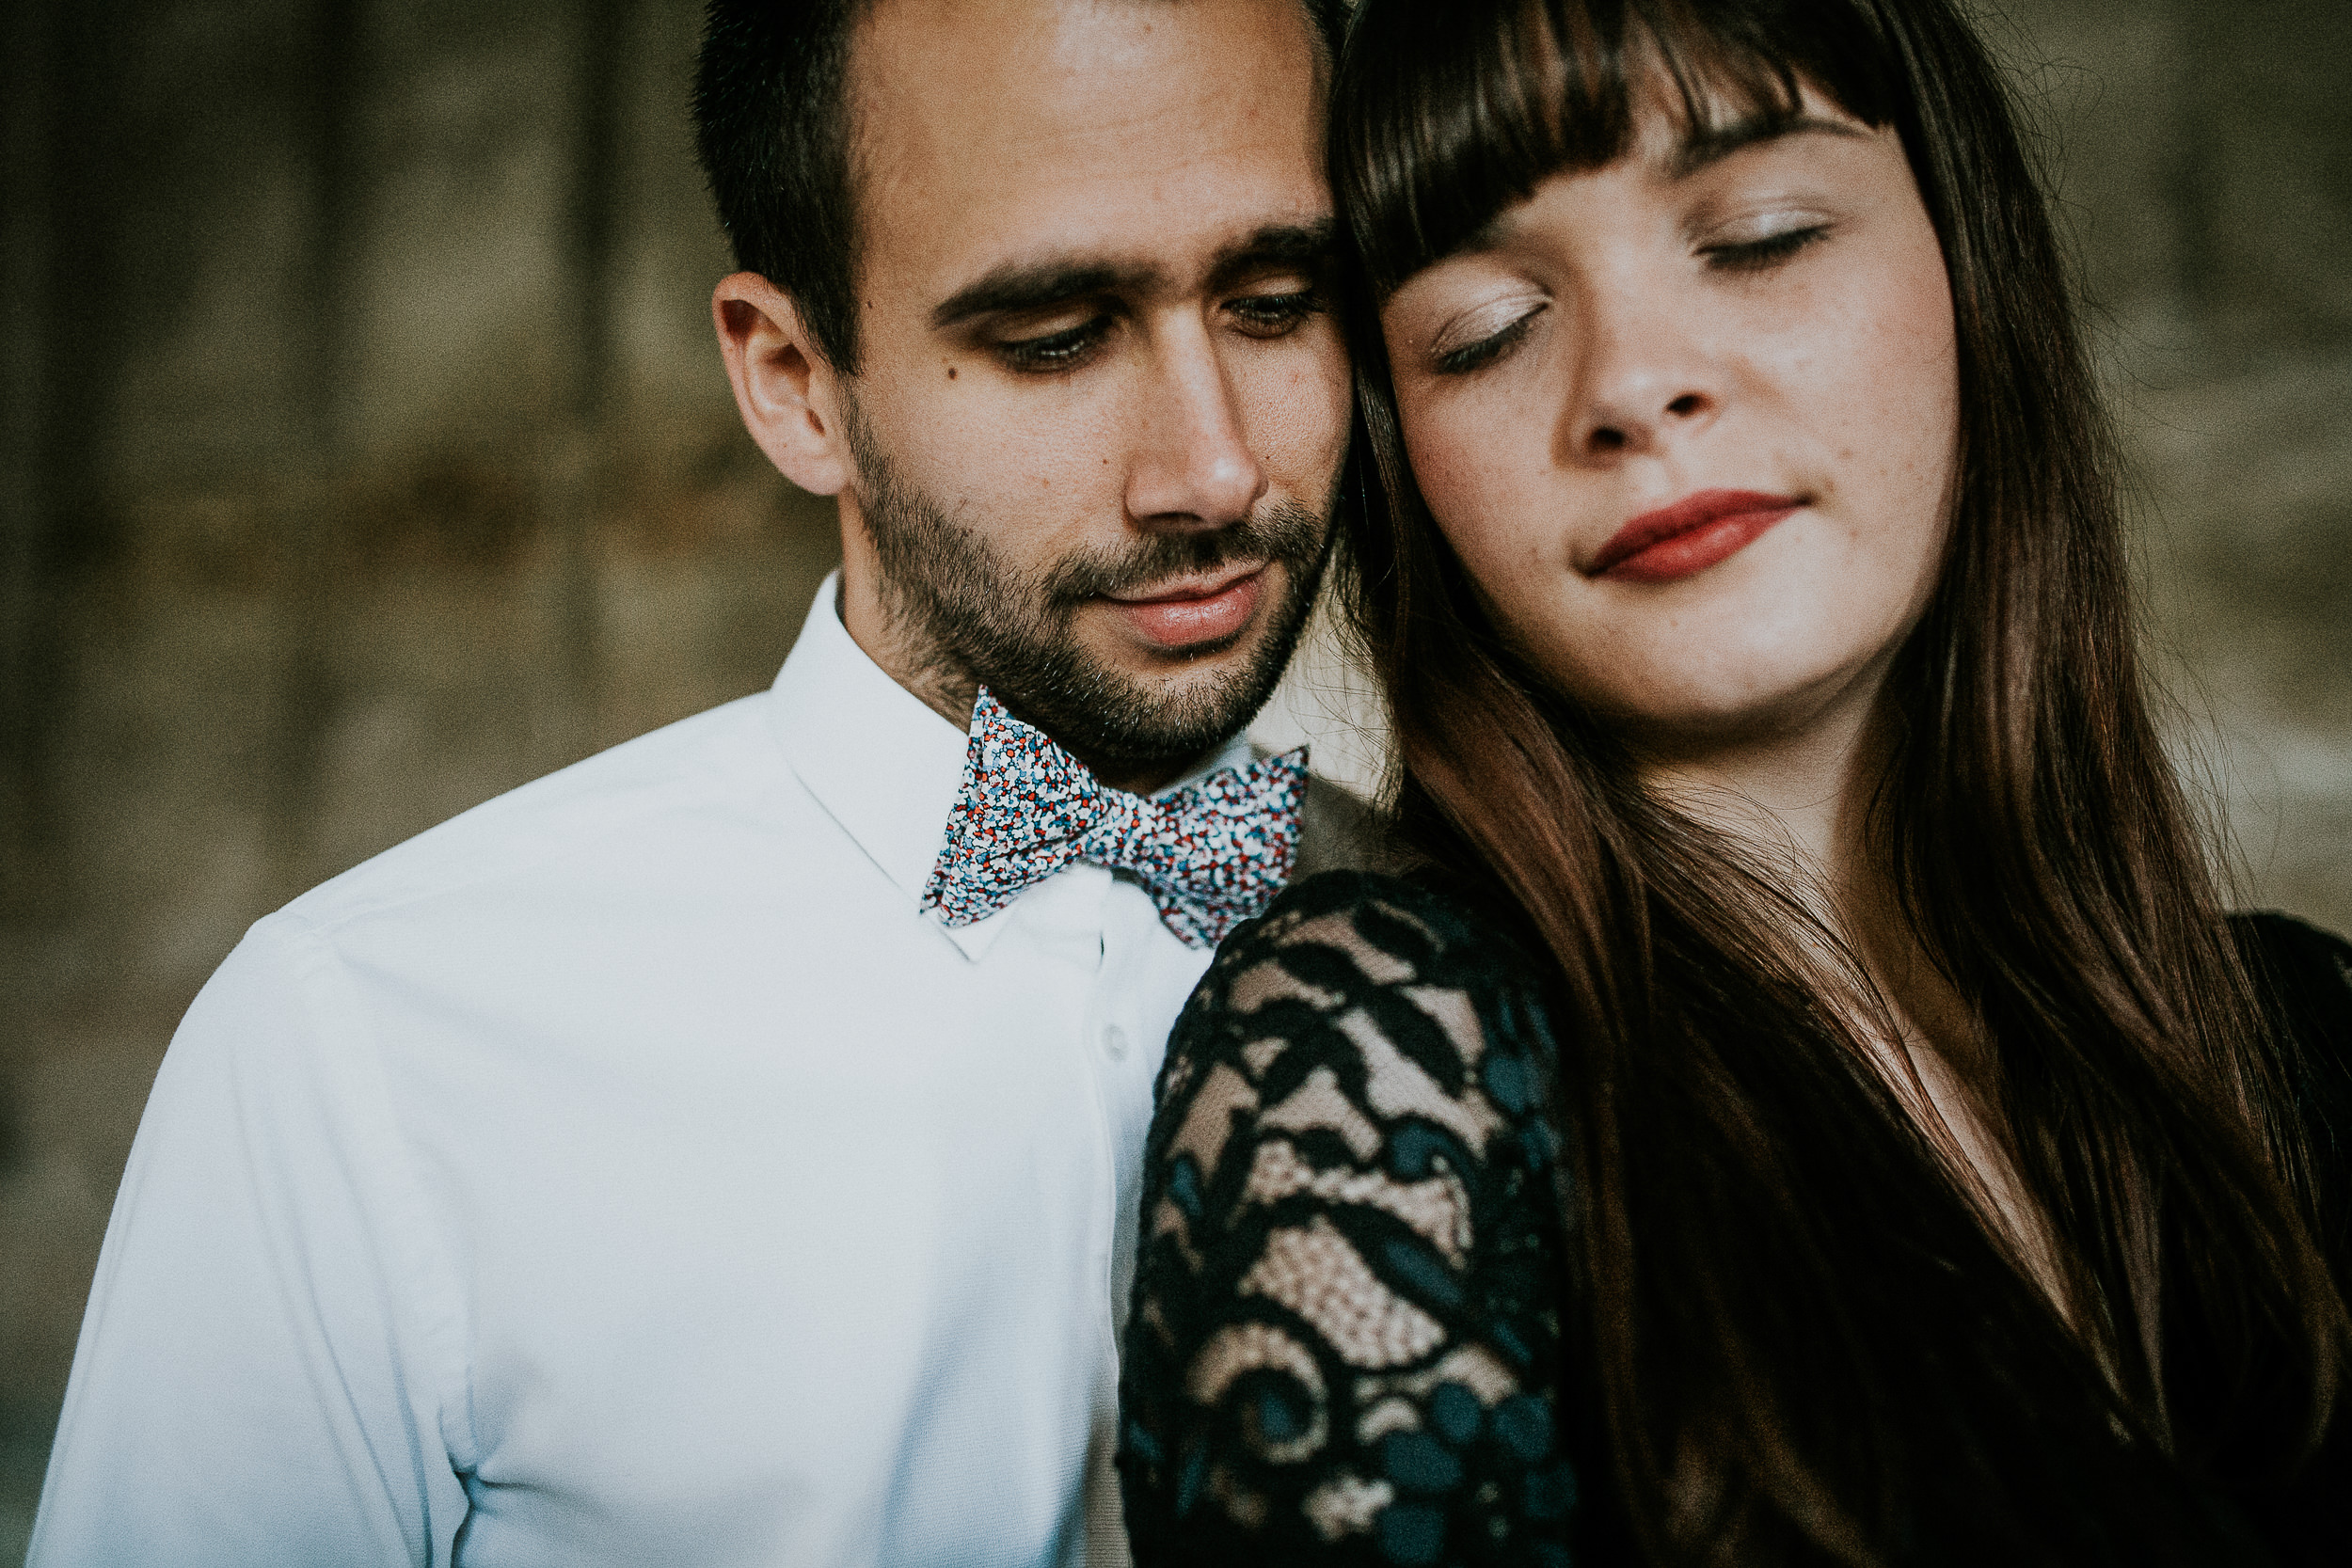 photographe mariage normandie caen paris cap ferret